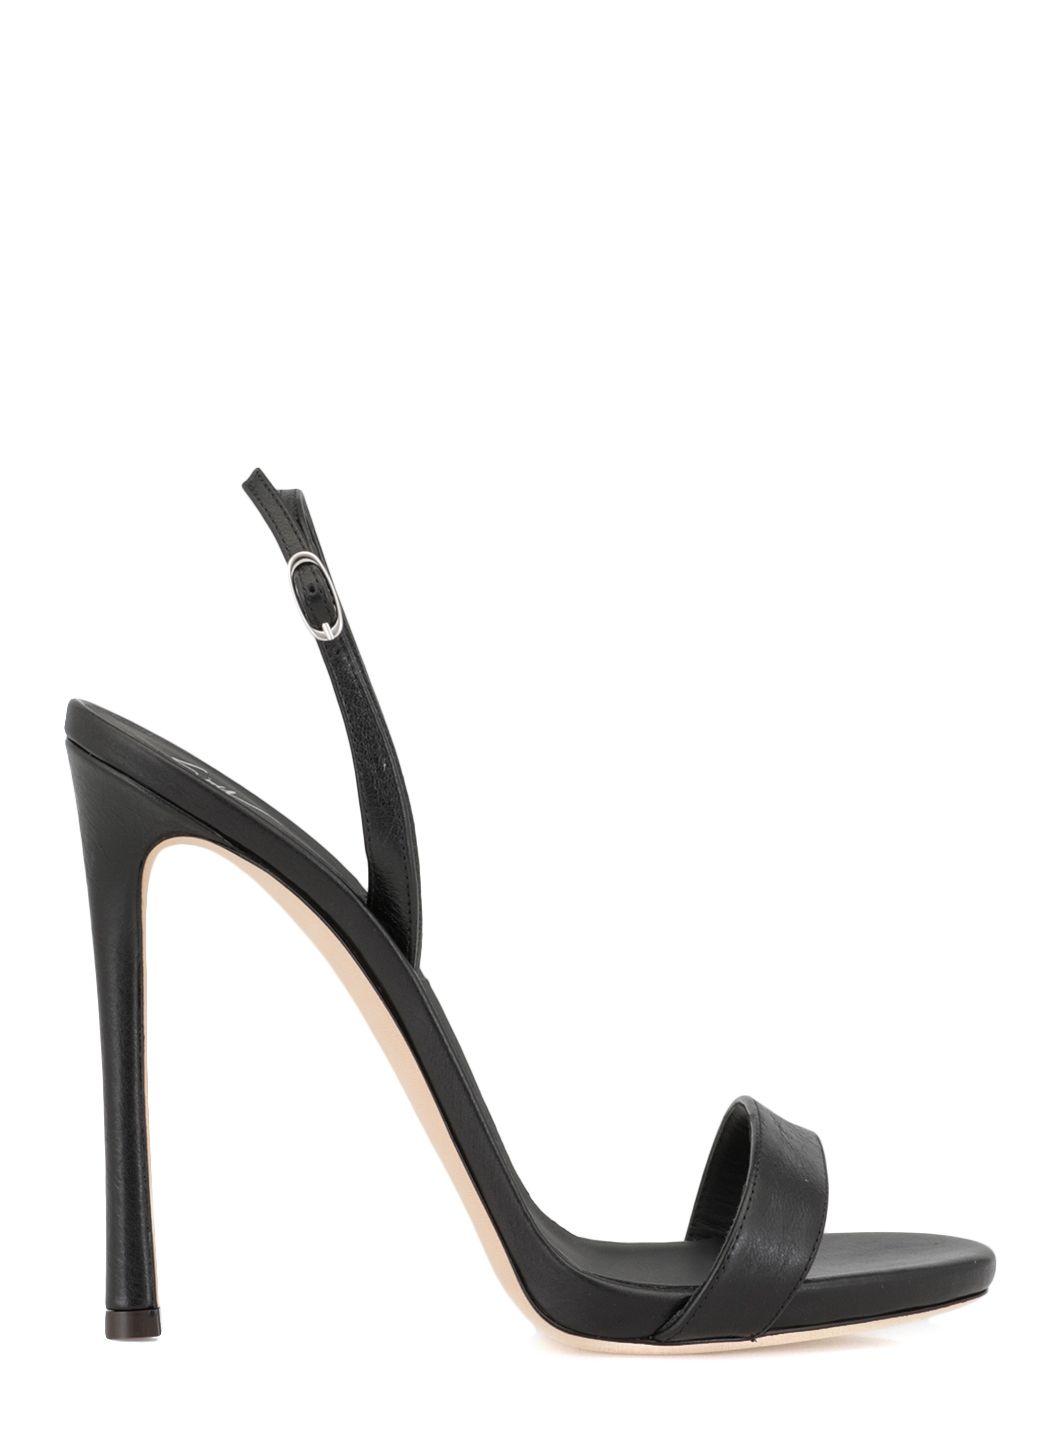 Leather heel sandal